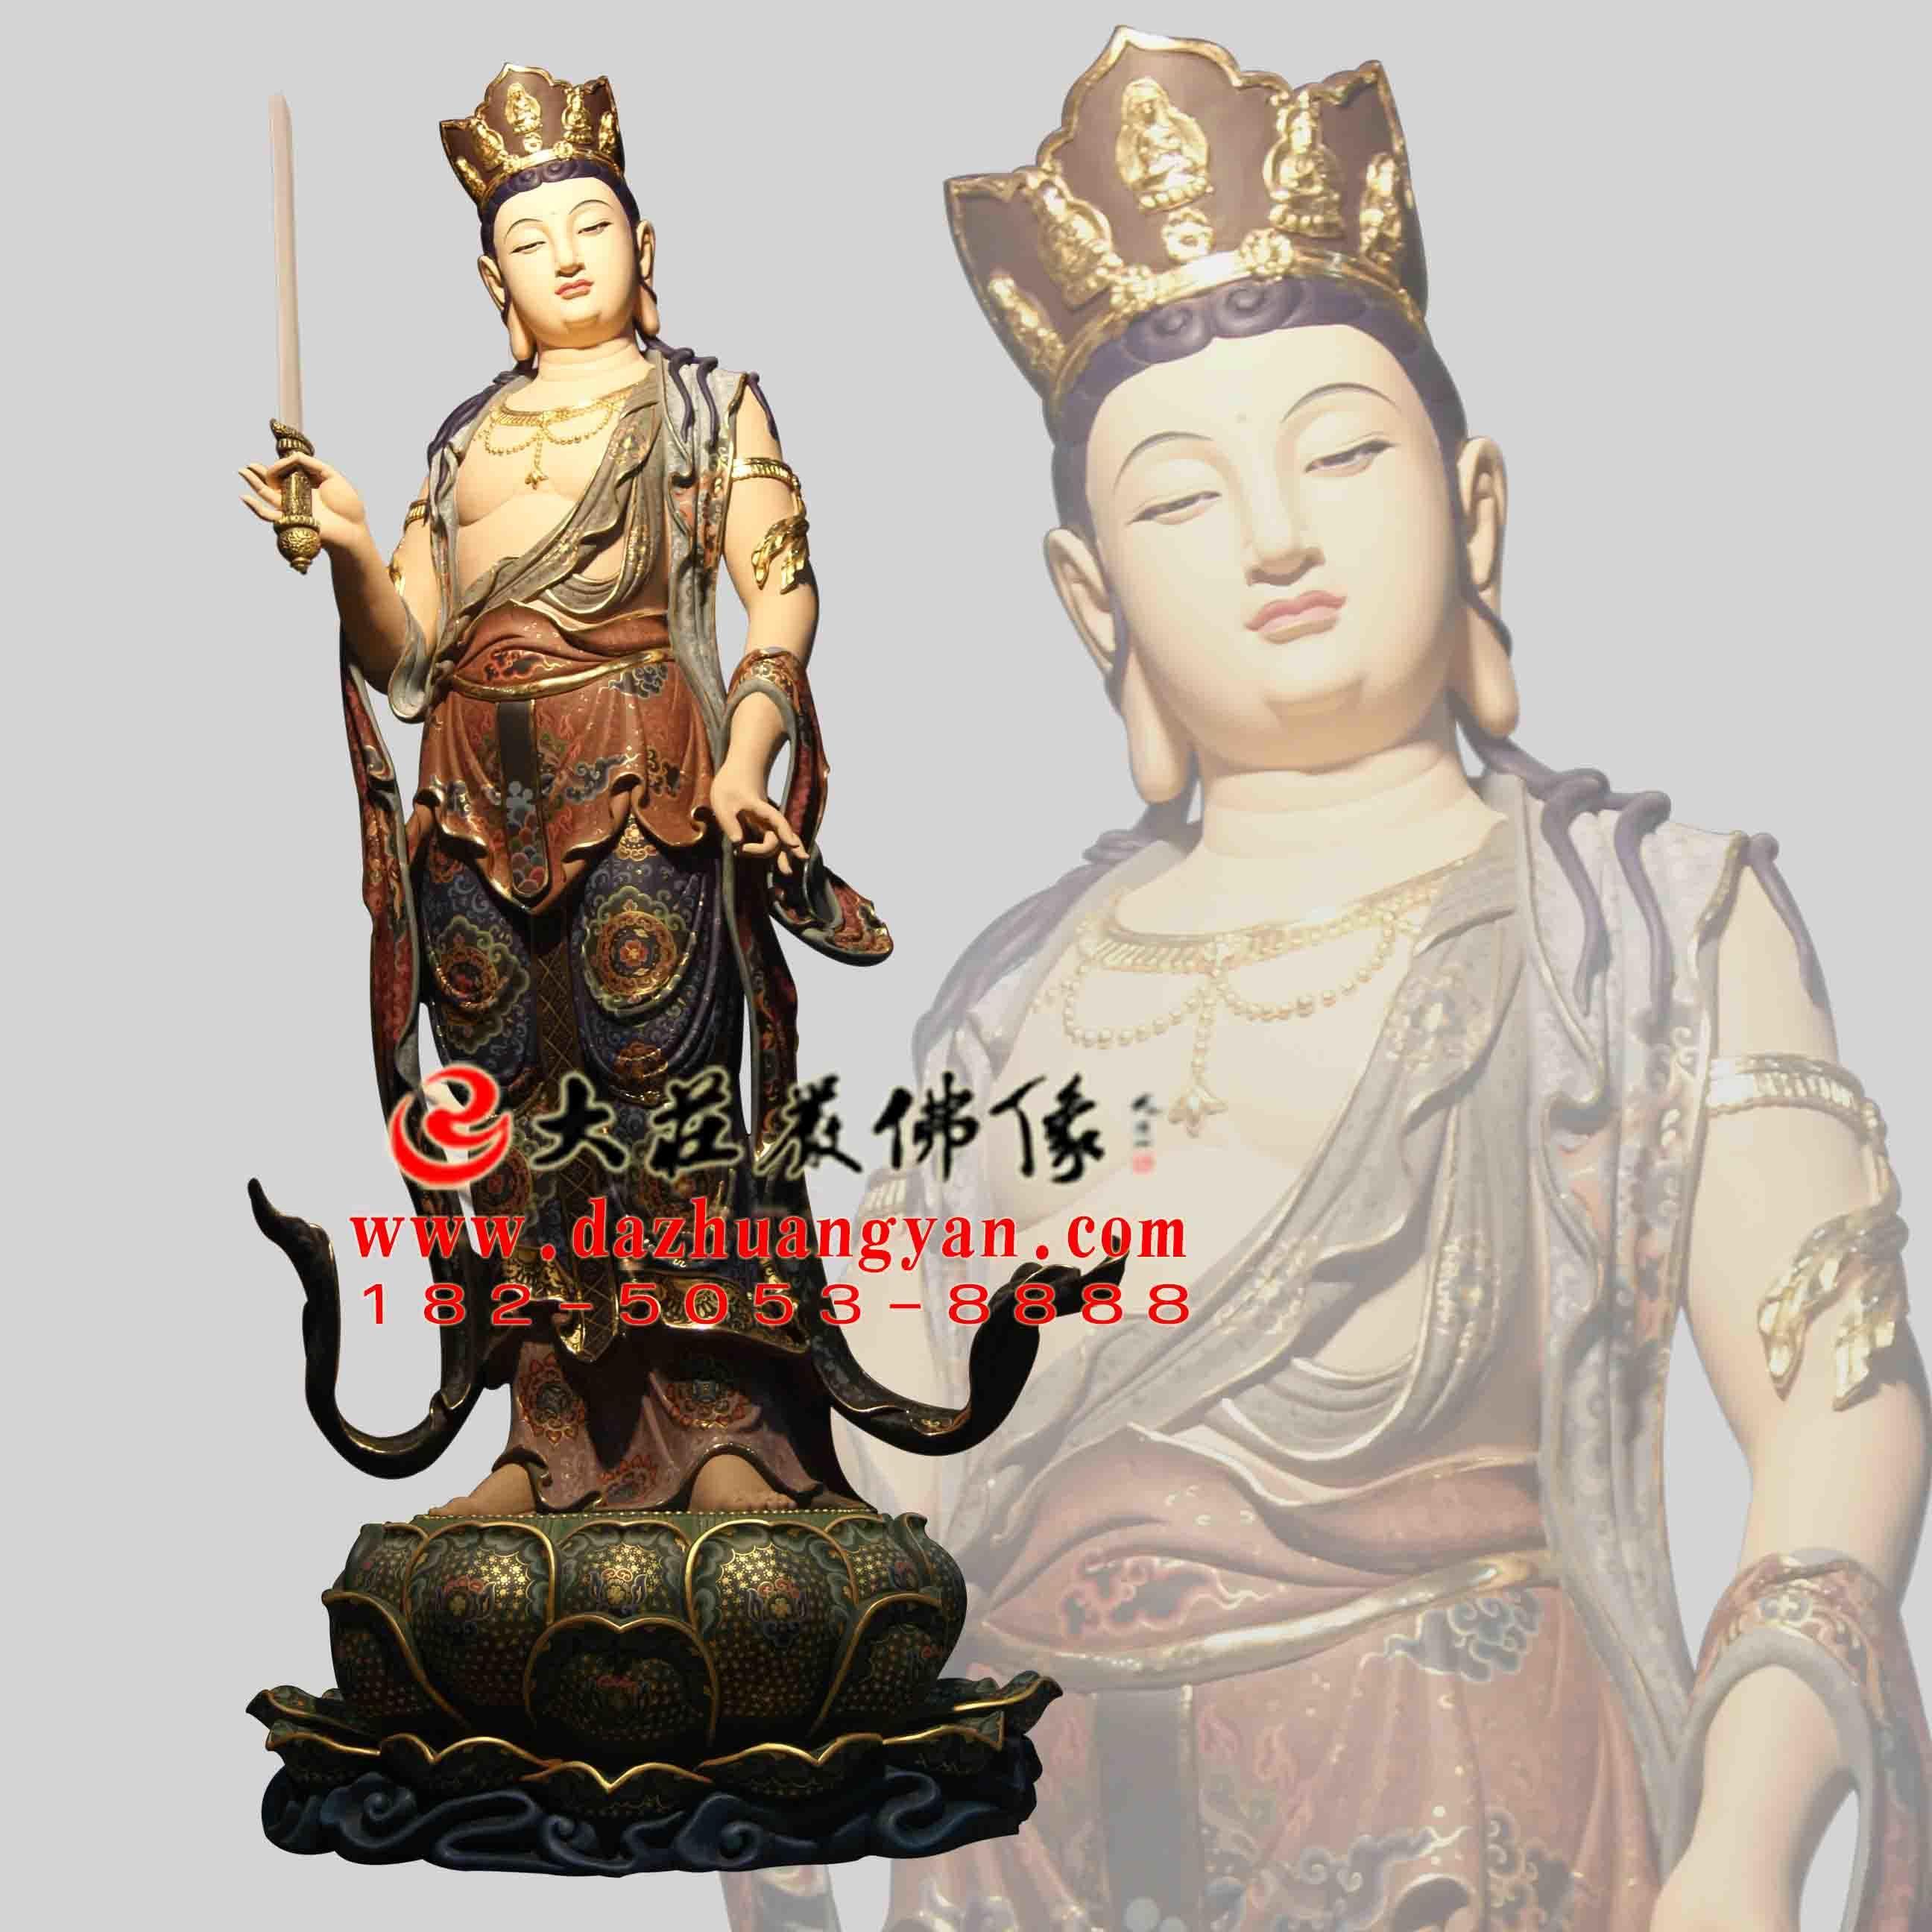 铜像八大菩萨之普贤菩萨彩绘佛像正面像